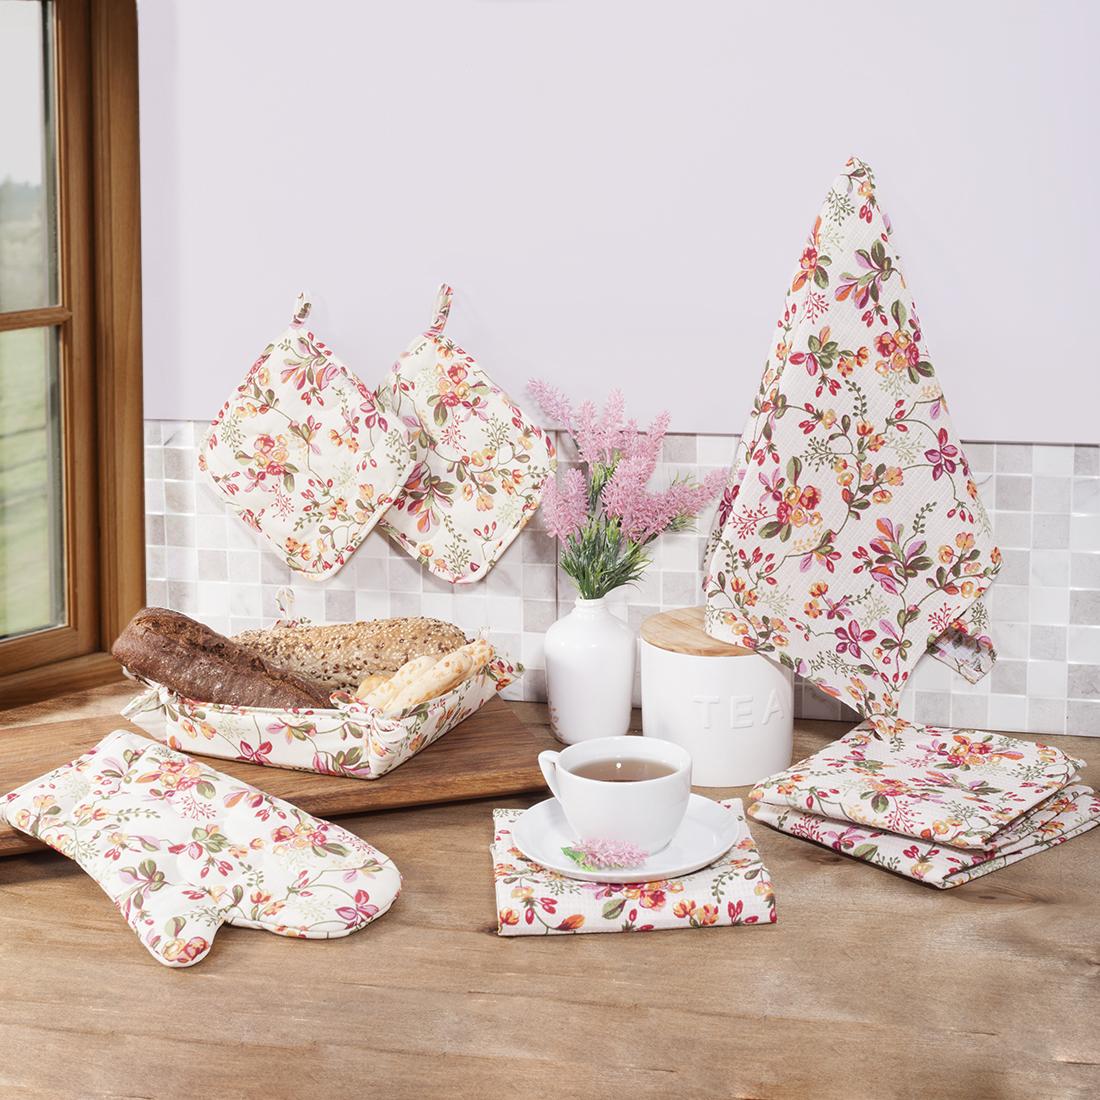 Набор кухонного текстиля Традиция tra361291 8 пр.